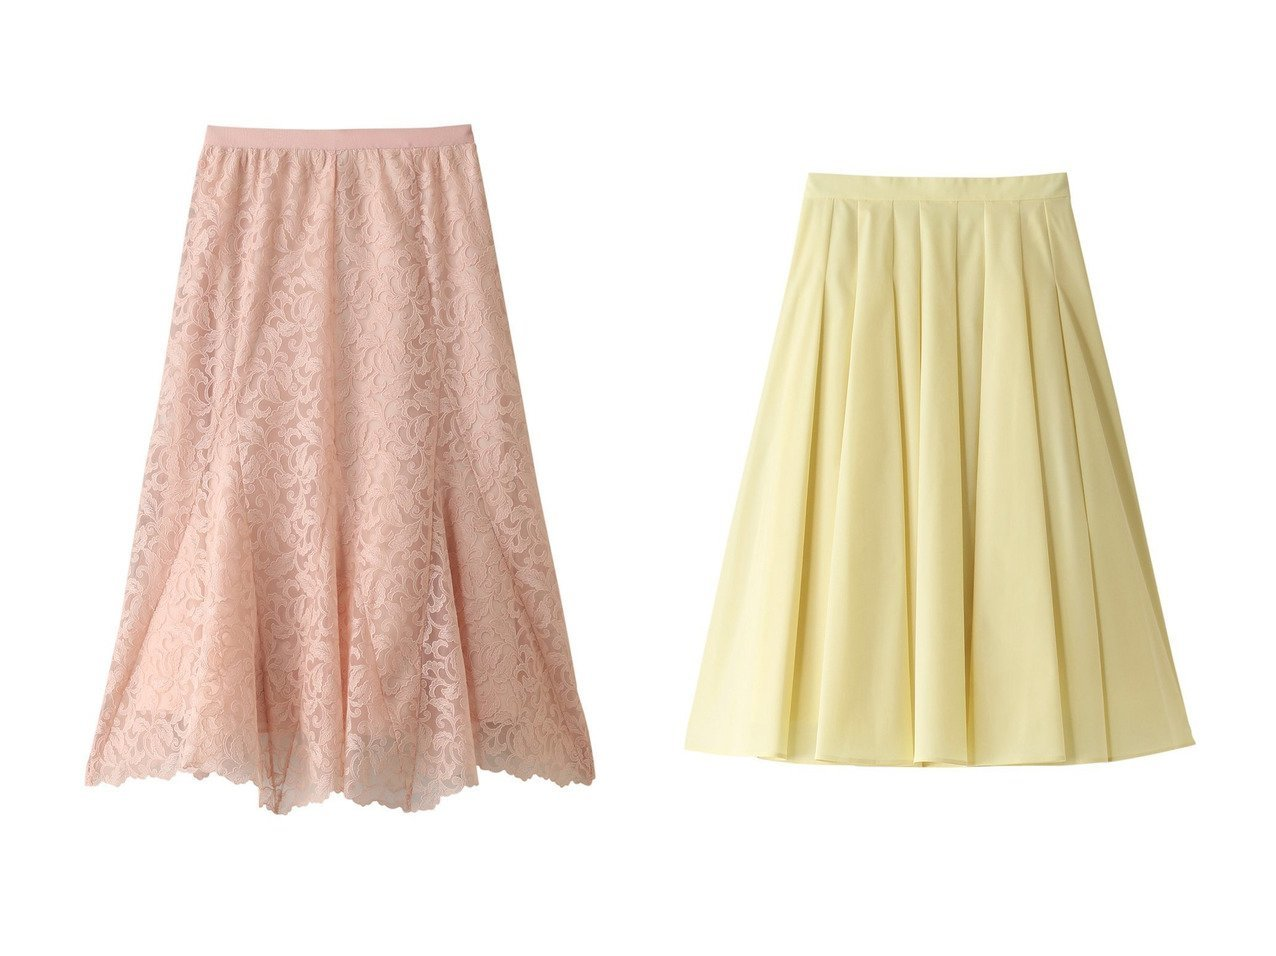 【ANAYI/アナイ】のチュールリーフレースセミフレアスカート&ストレッチツイルフレアスカート 【スカート】おすすめ!人気、トレンド・レディースファッションの通販 おすすめで人気の流行・トレンド、ファッションの通販商品 メンズファッション・キッズファッション・インテリア・家具・レディースファッション・服の通販 founy(ファニー) https://founy.com/ ファッション Fashion レディースファッション WOMEN スカート Skirt Aライン/フレアスカート Flared A-Line Skirts シンプル フレア おすすめ Recommend セットアップ パーティ ロング |ID:crp329100000029600